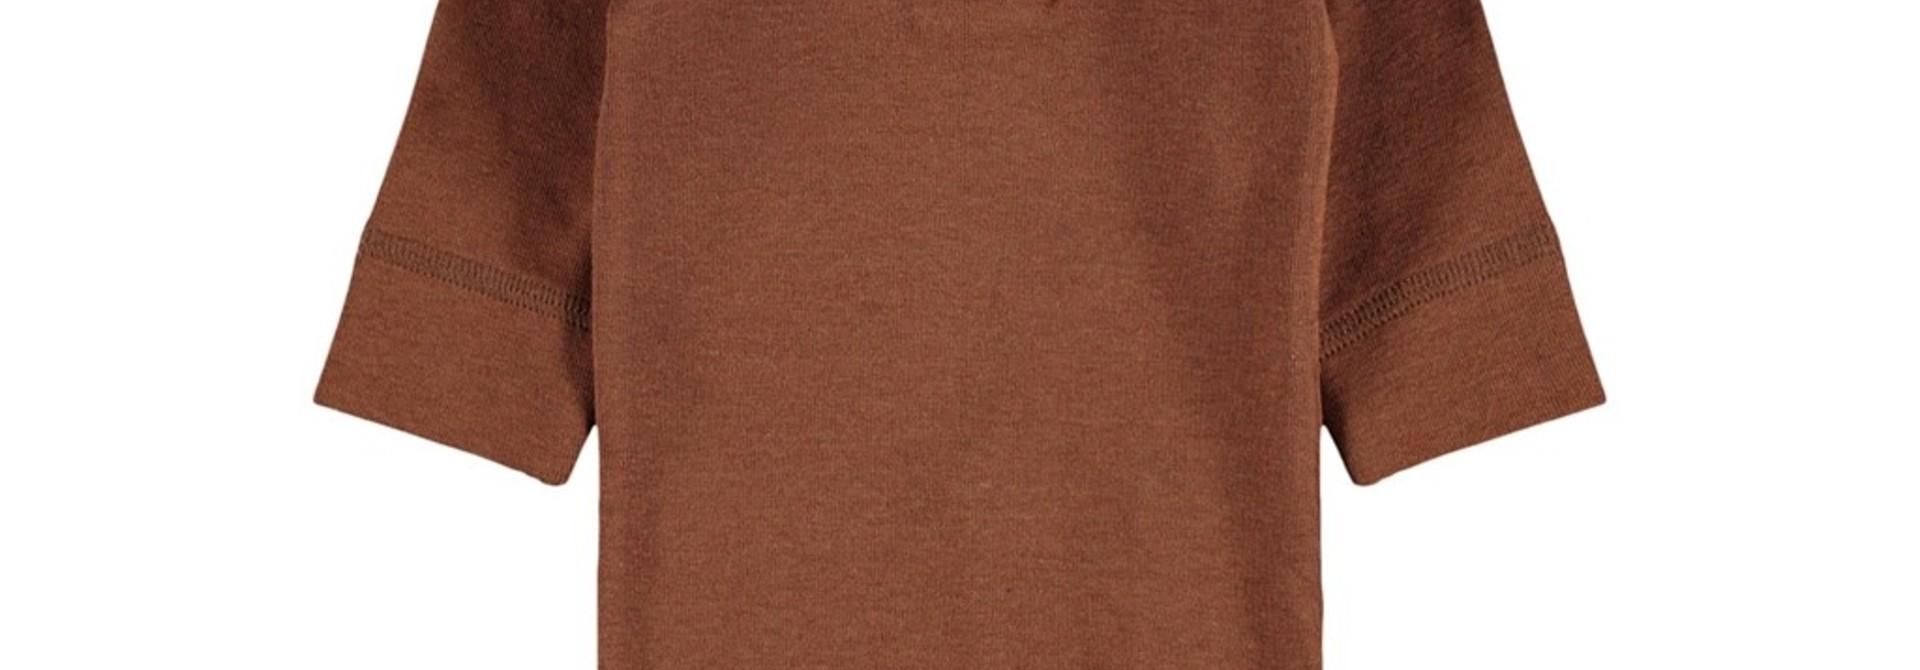 Geo Longsleeve Slim Body Solid - Tobacco Brown